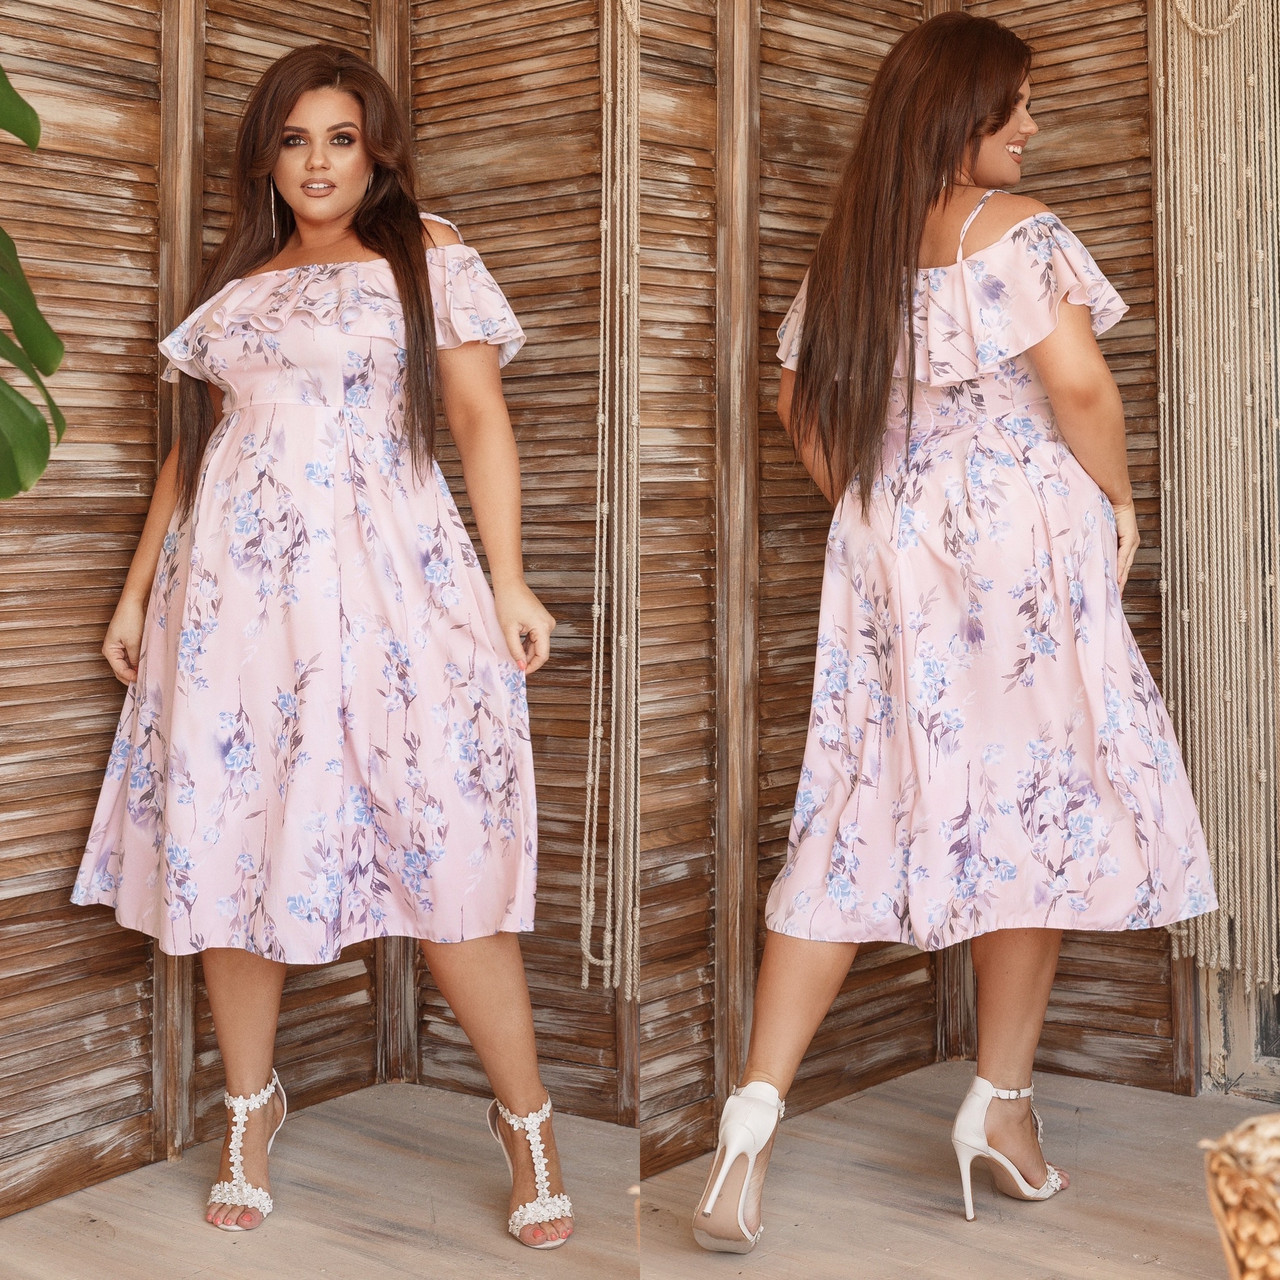 Платье летнее на бретелях с воланом на груди больших размеров Платье с воланом на запах большого размера. Платье с воланом на бретелях большого